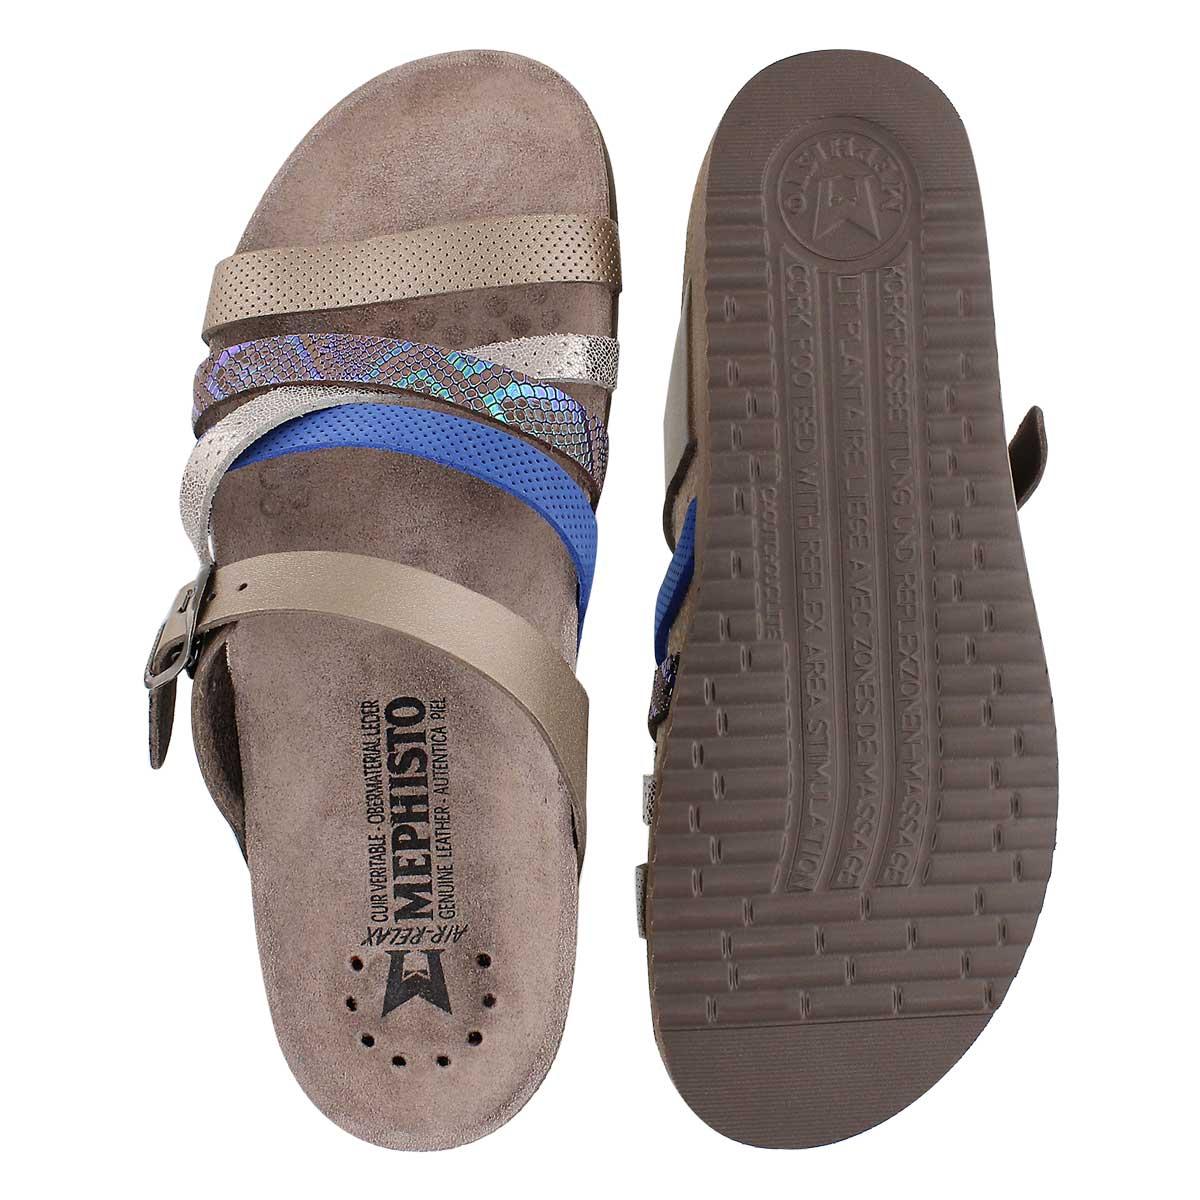 Lds Huleda pwtr combi cork footbed slide